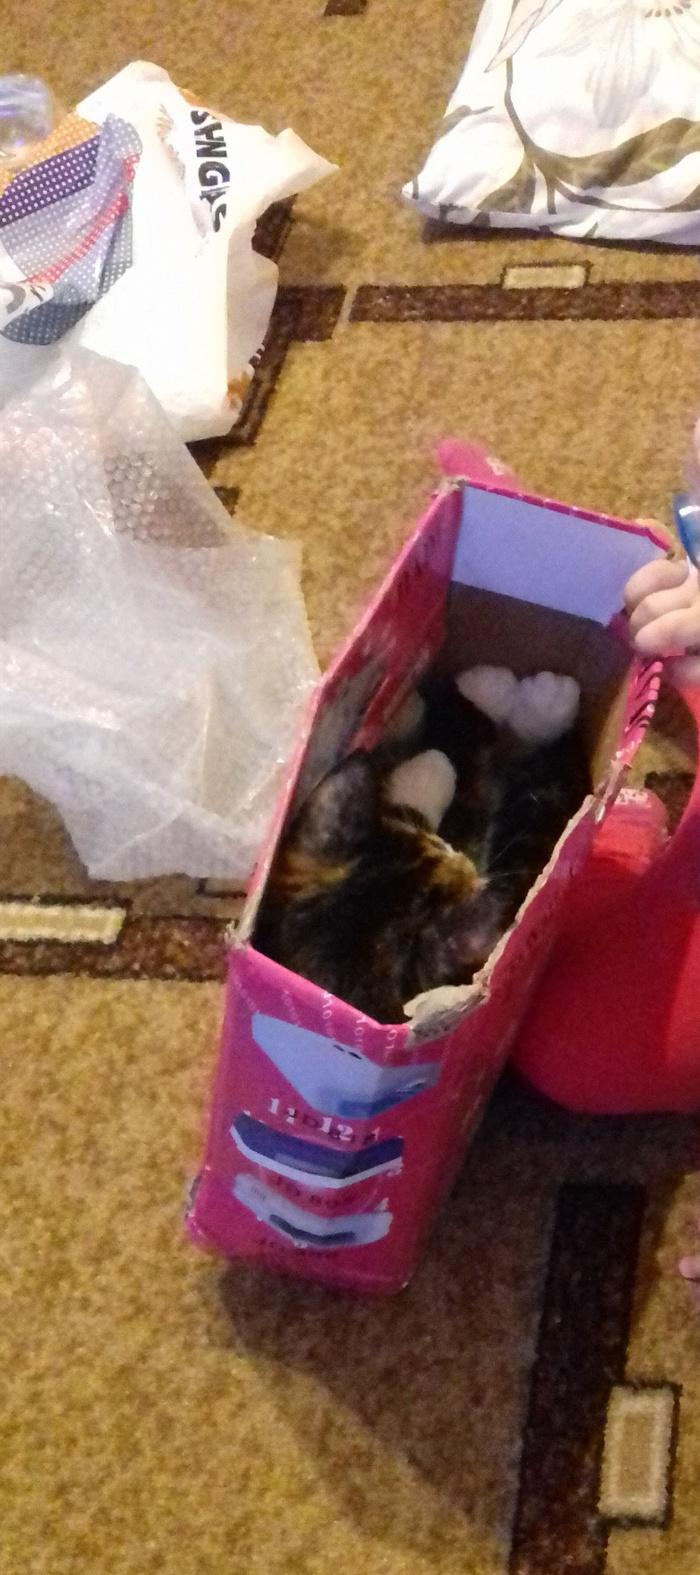 Моника. Кот, Коробка и кот, Длиннопост